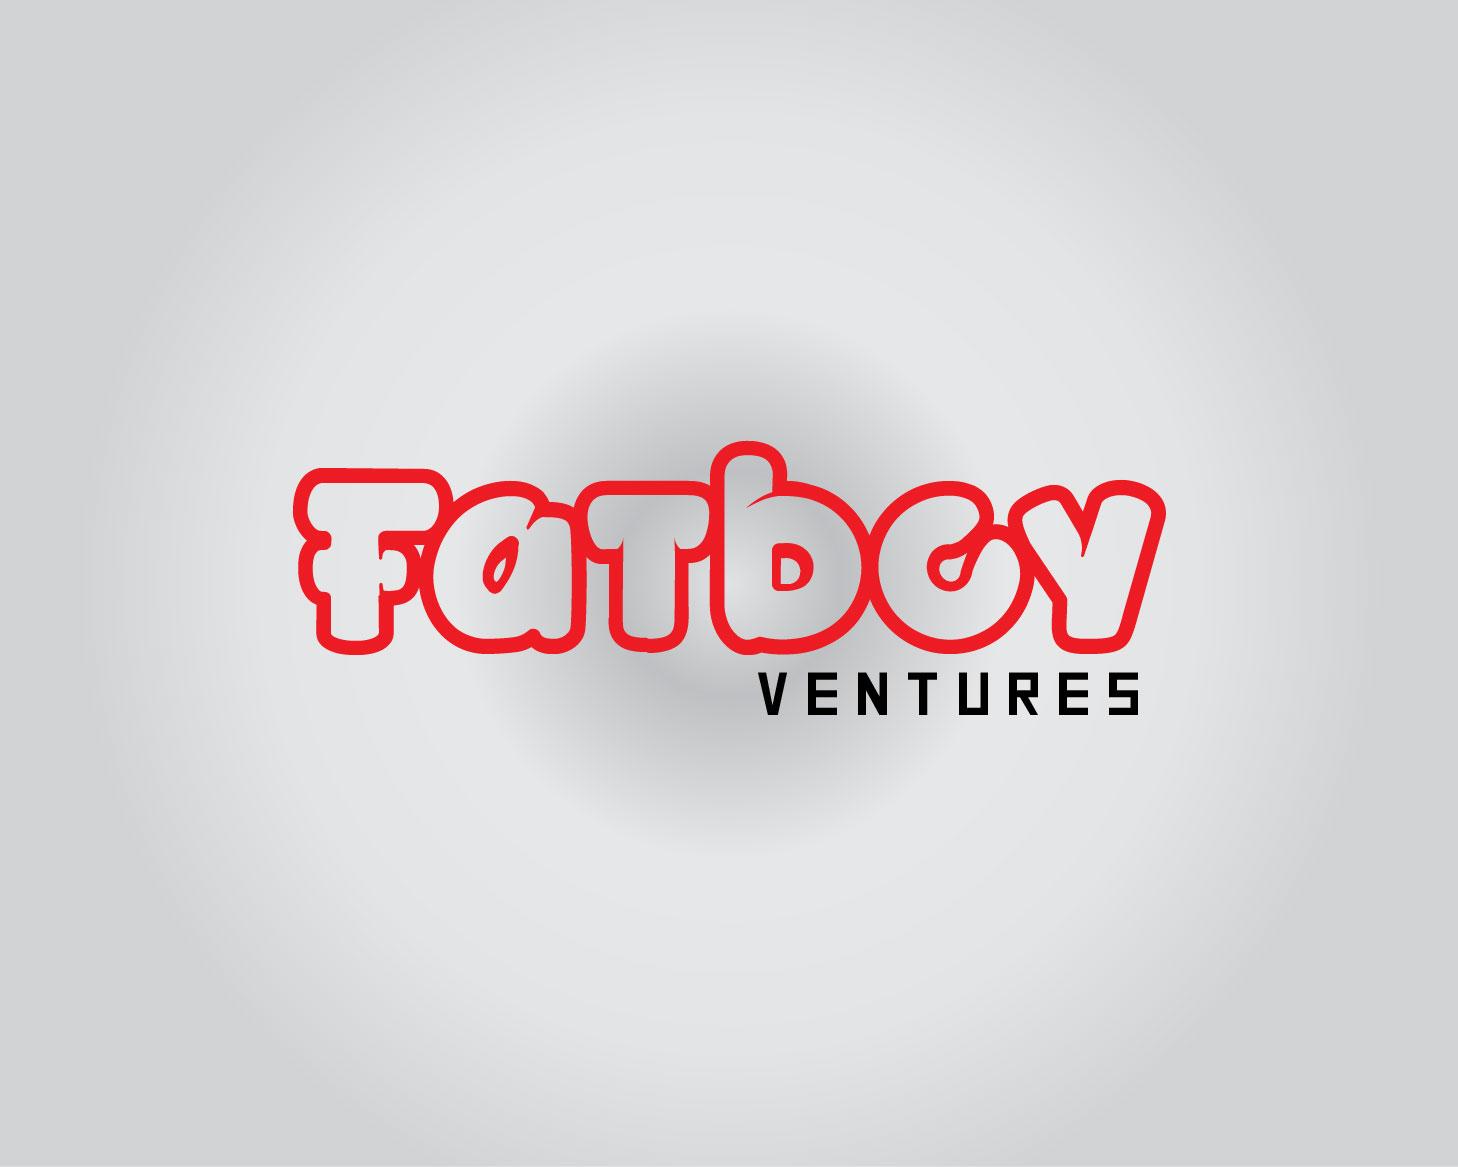 Logo Design by Rowel Samson - Entry No. 120 in the Logo Design Contest Fun Logo Design for Fat Boy Ventures.